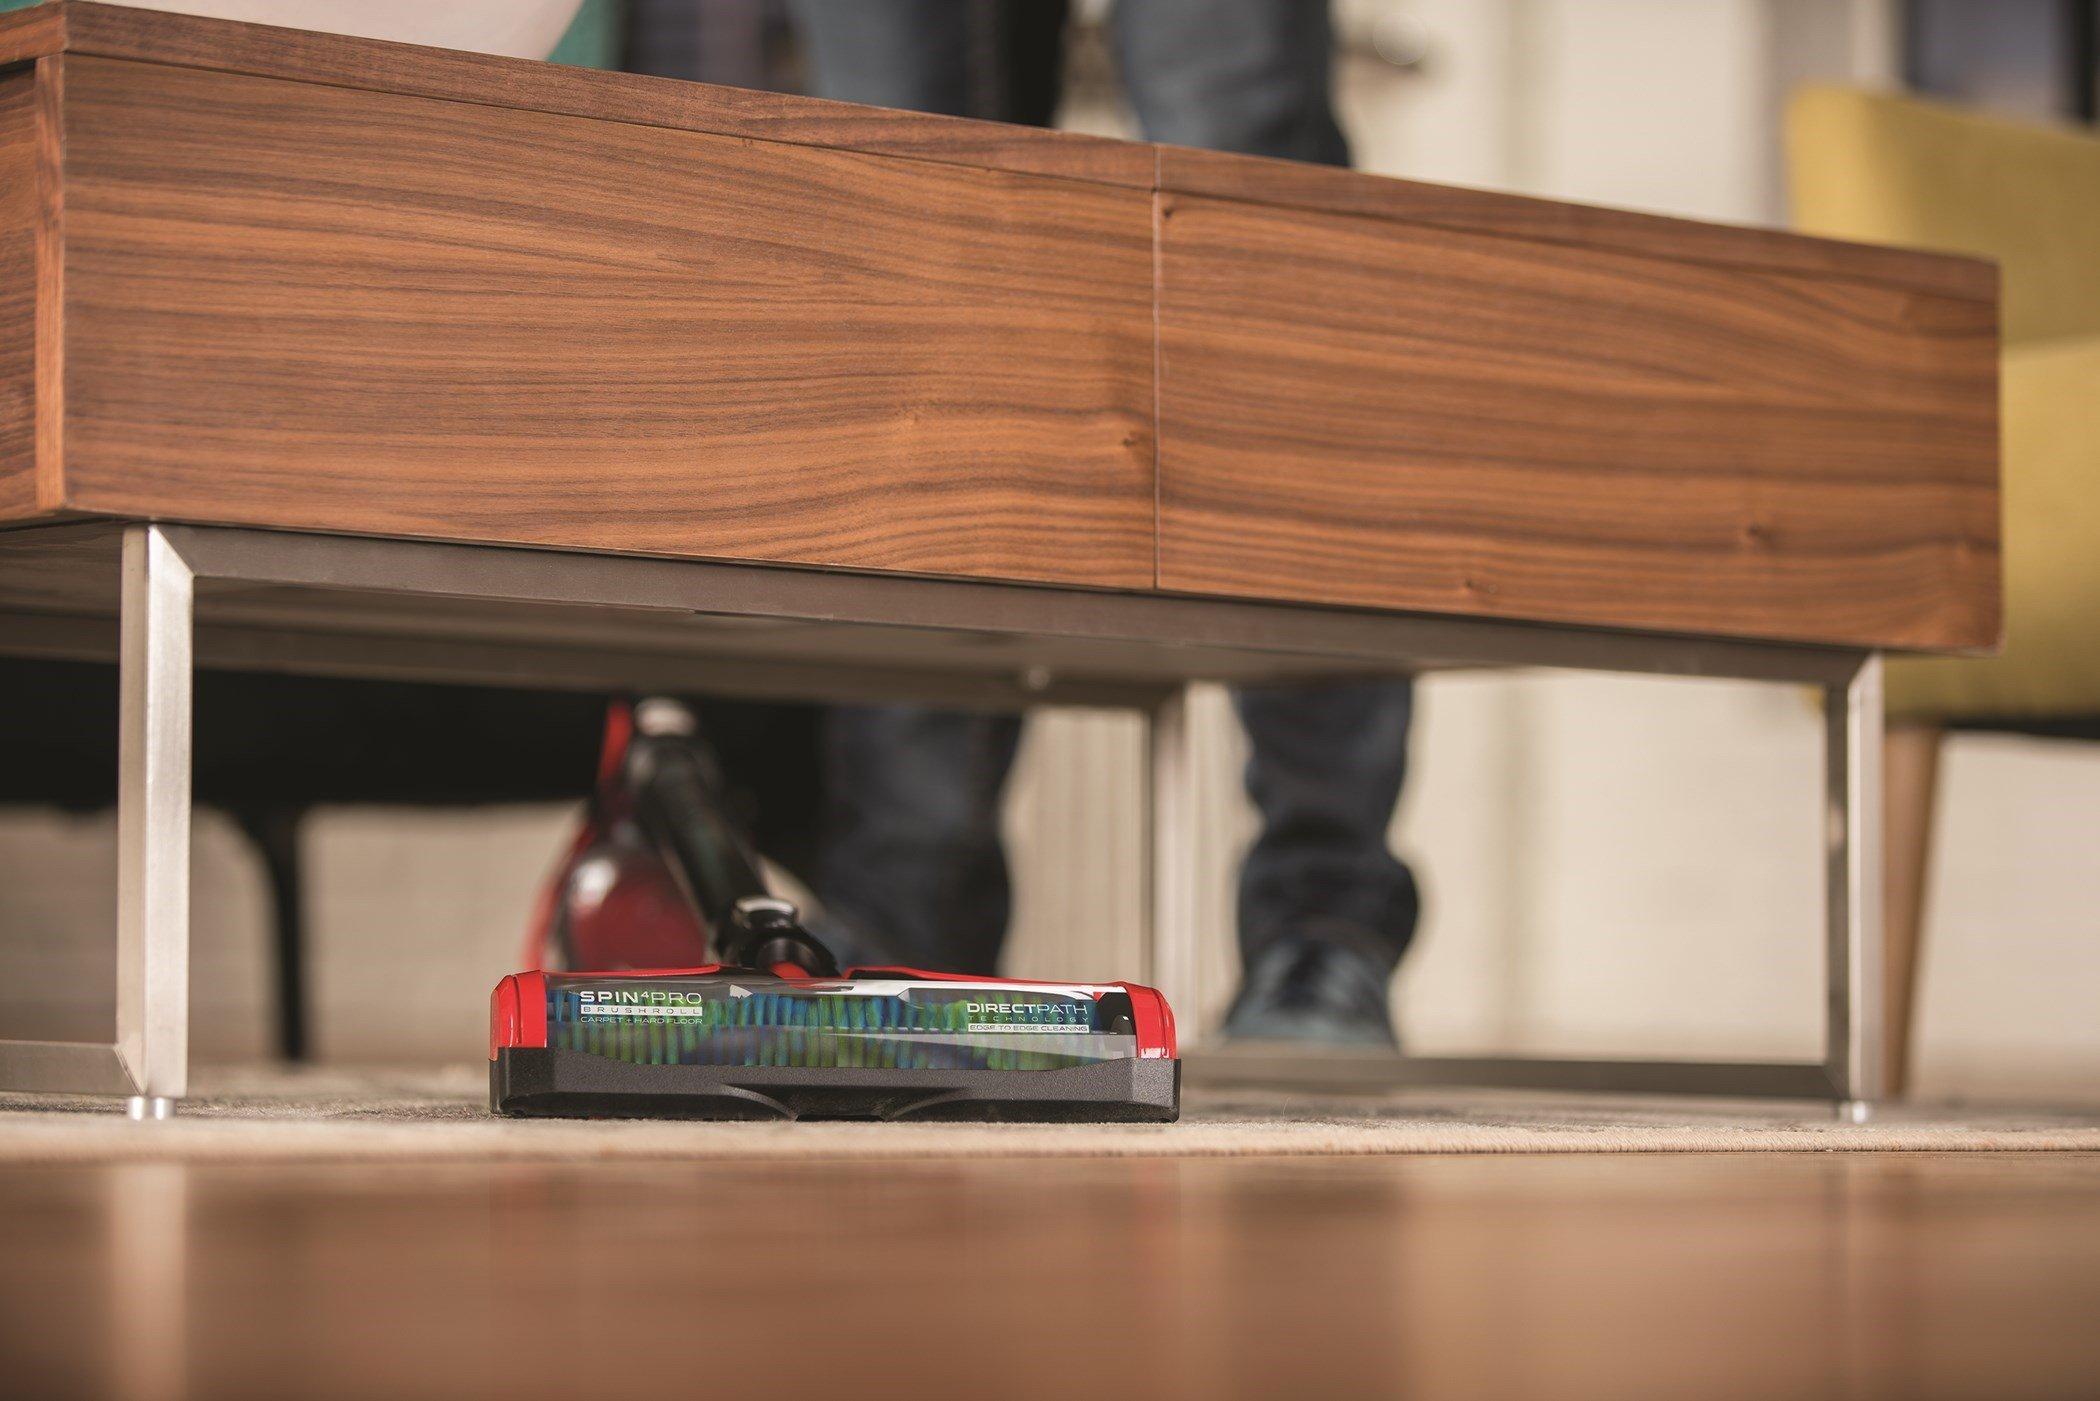 Reach Max Plus 3-in-1 Cordless Stick Vacuum2